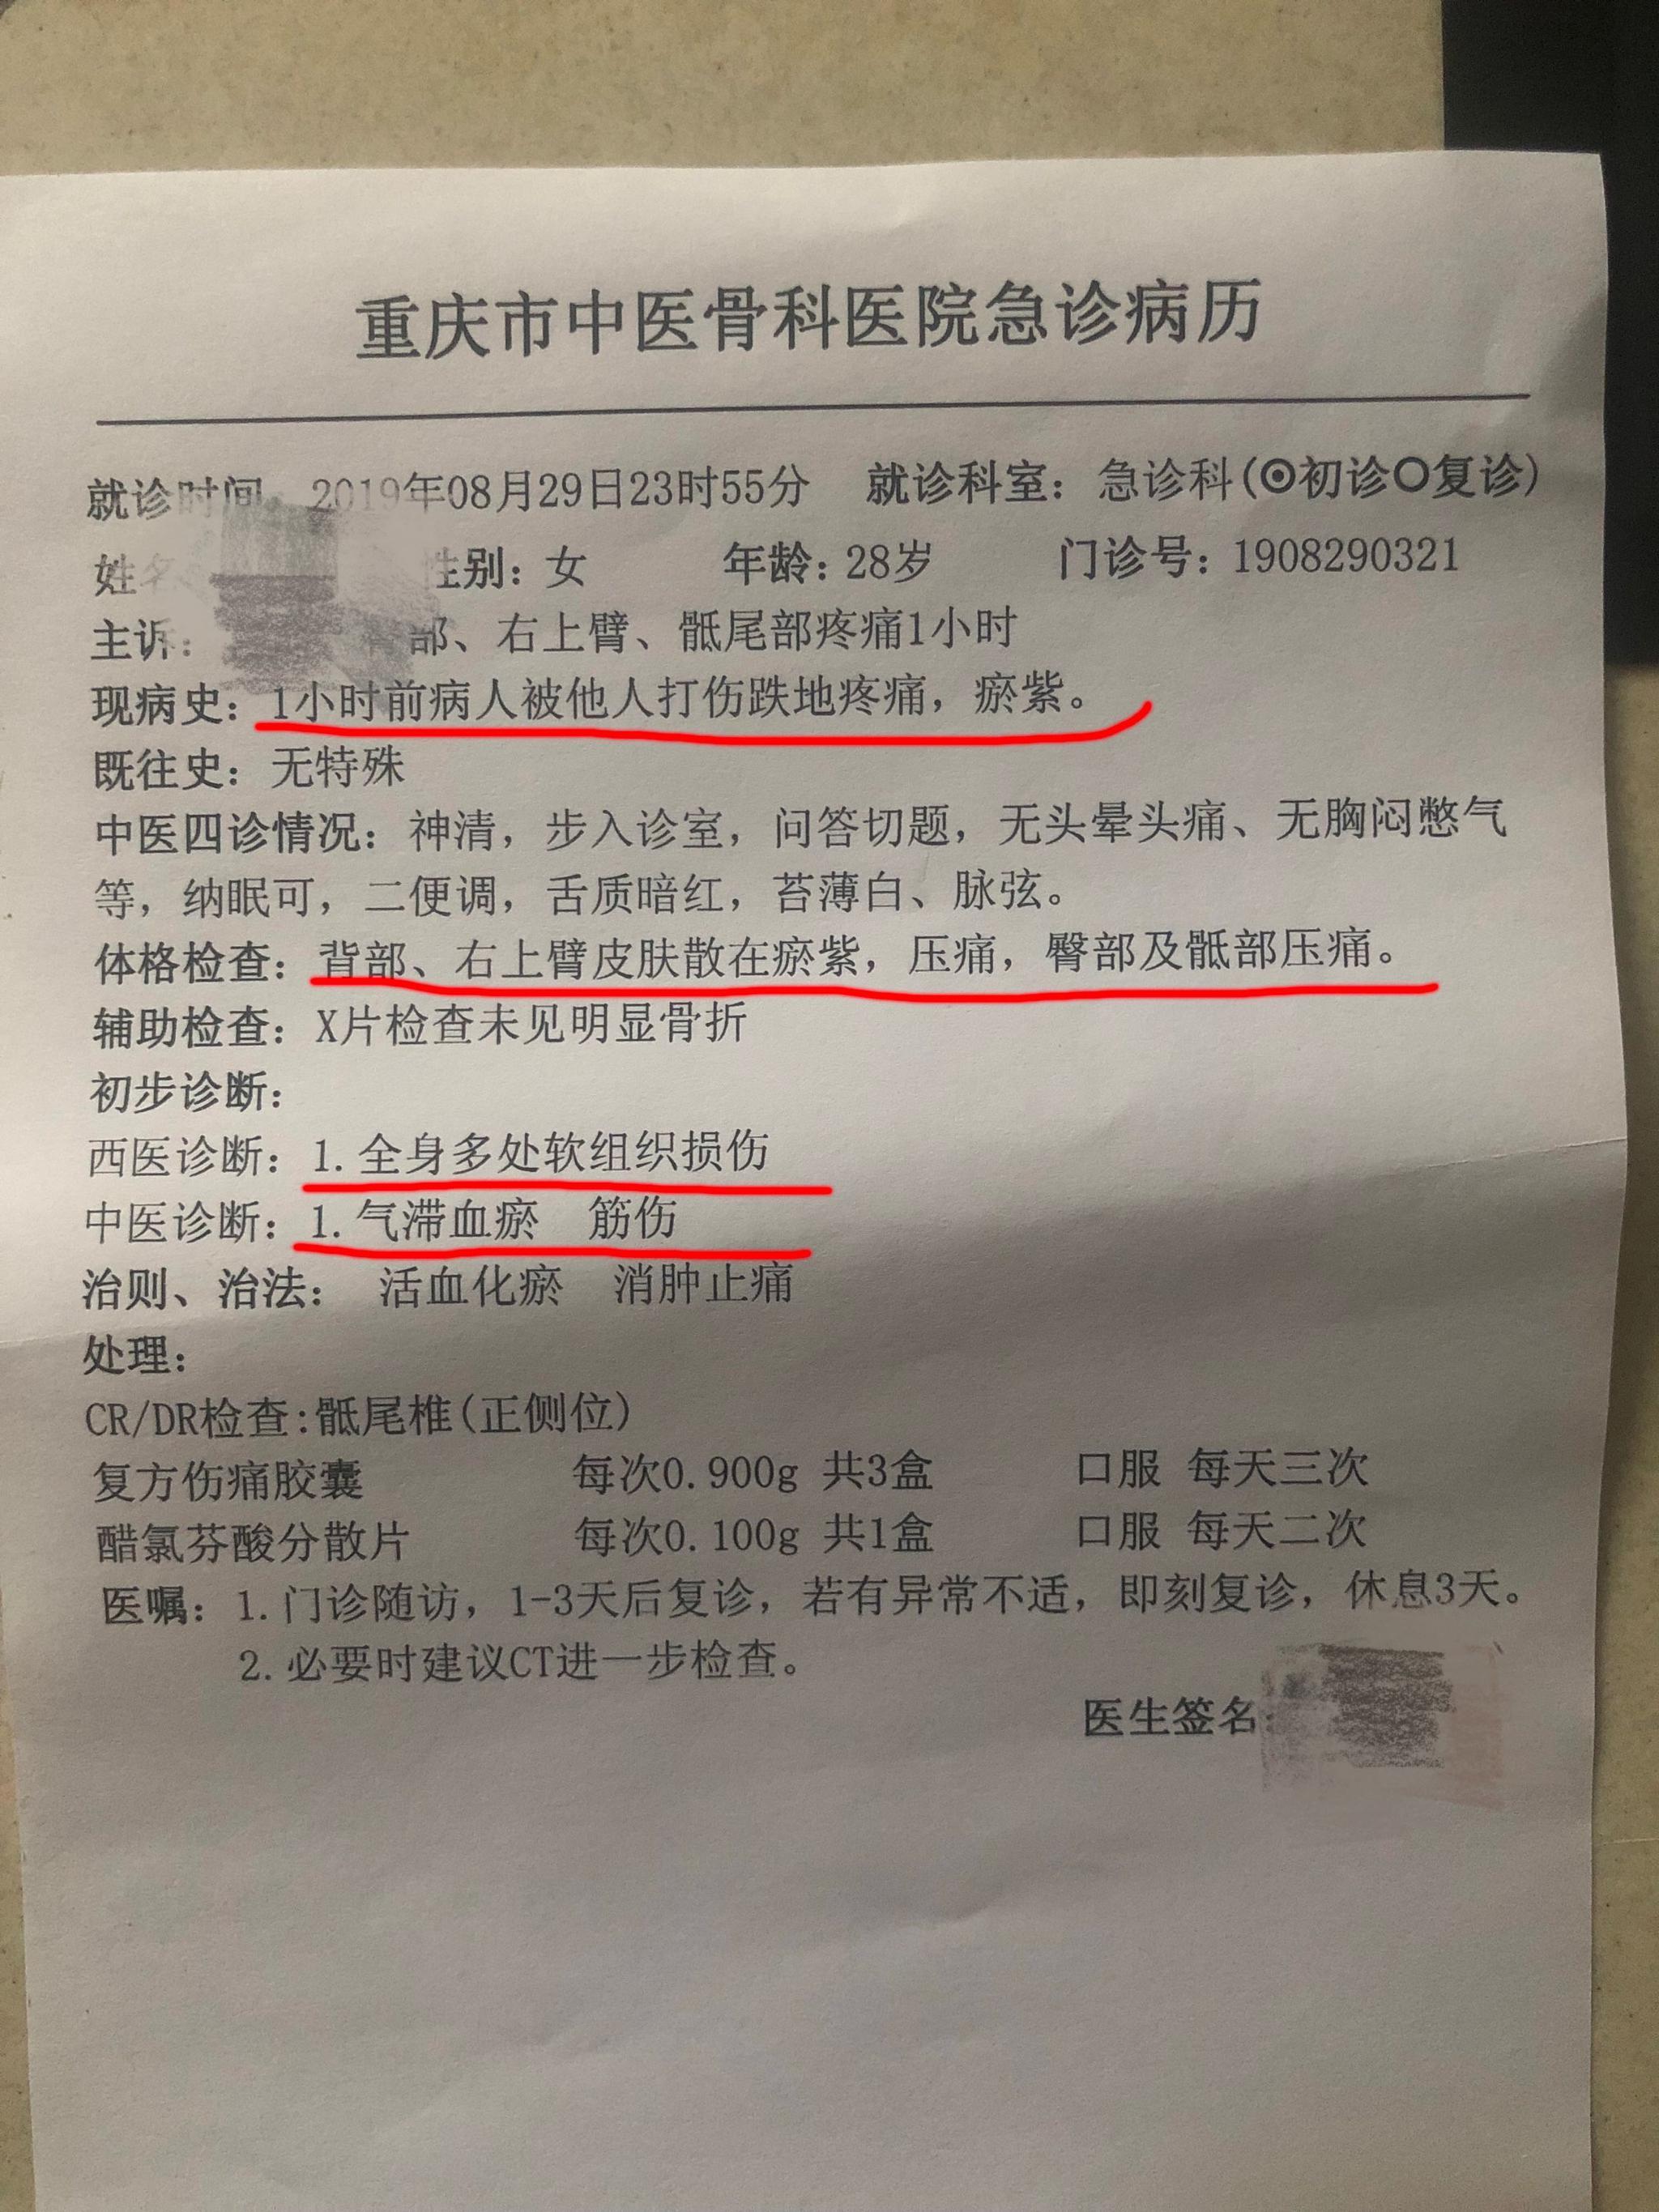 88彩票网手机版注册_医药第一股沉浮录